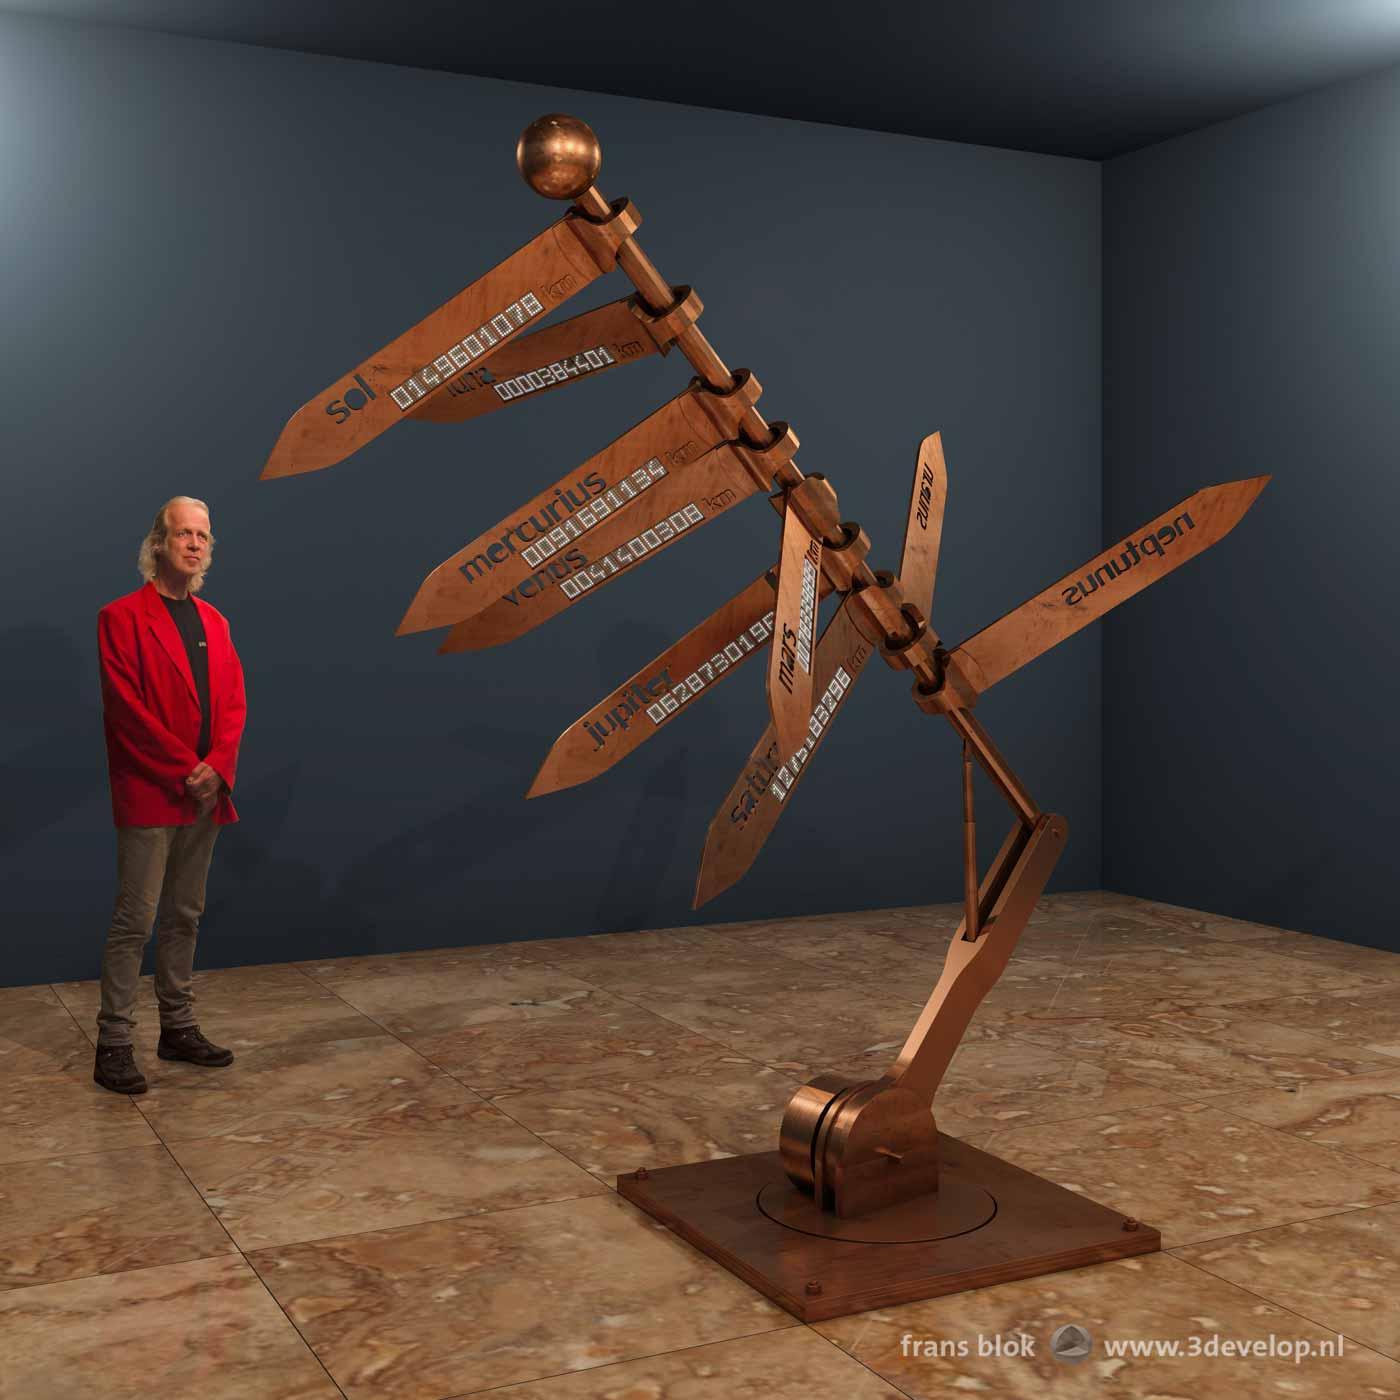 Planetaire wegwijzer in een museum-achtige setting met de richting naar en de afstanden tot de zon, de maan en de zeven planeten